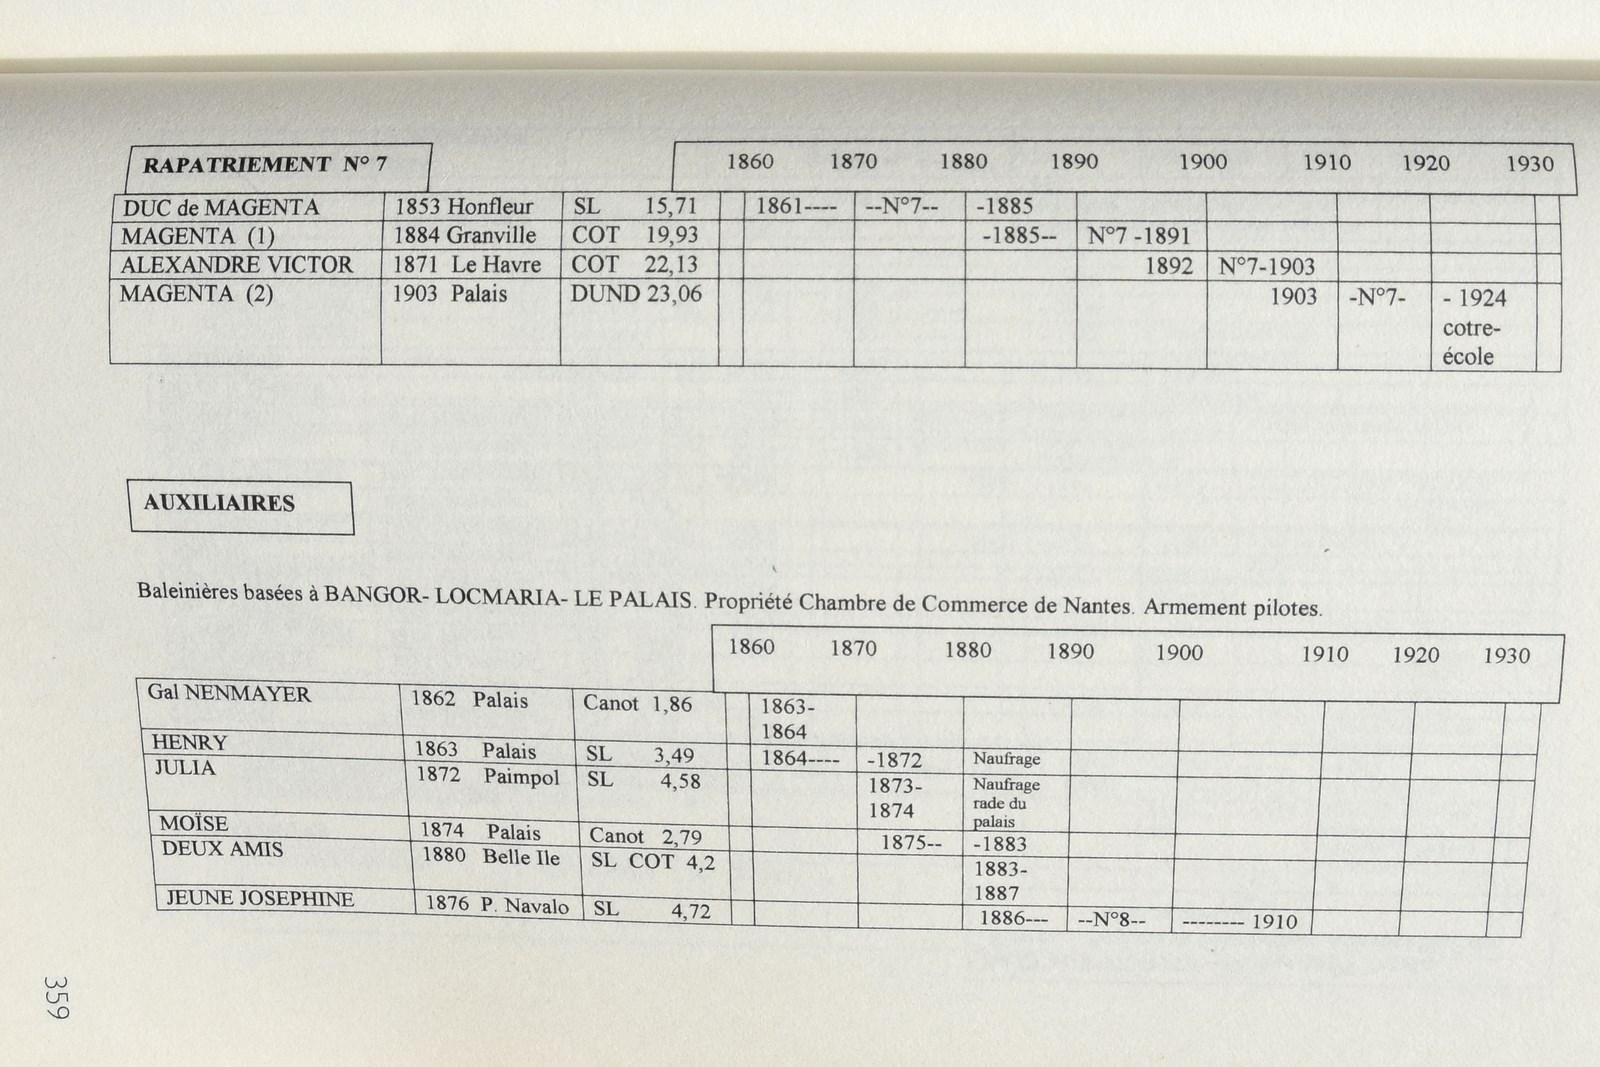 recherche des plans d'un modèle de yacht classique télécommandable inachevé - Page 2 171020025240141447